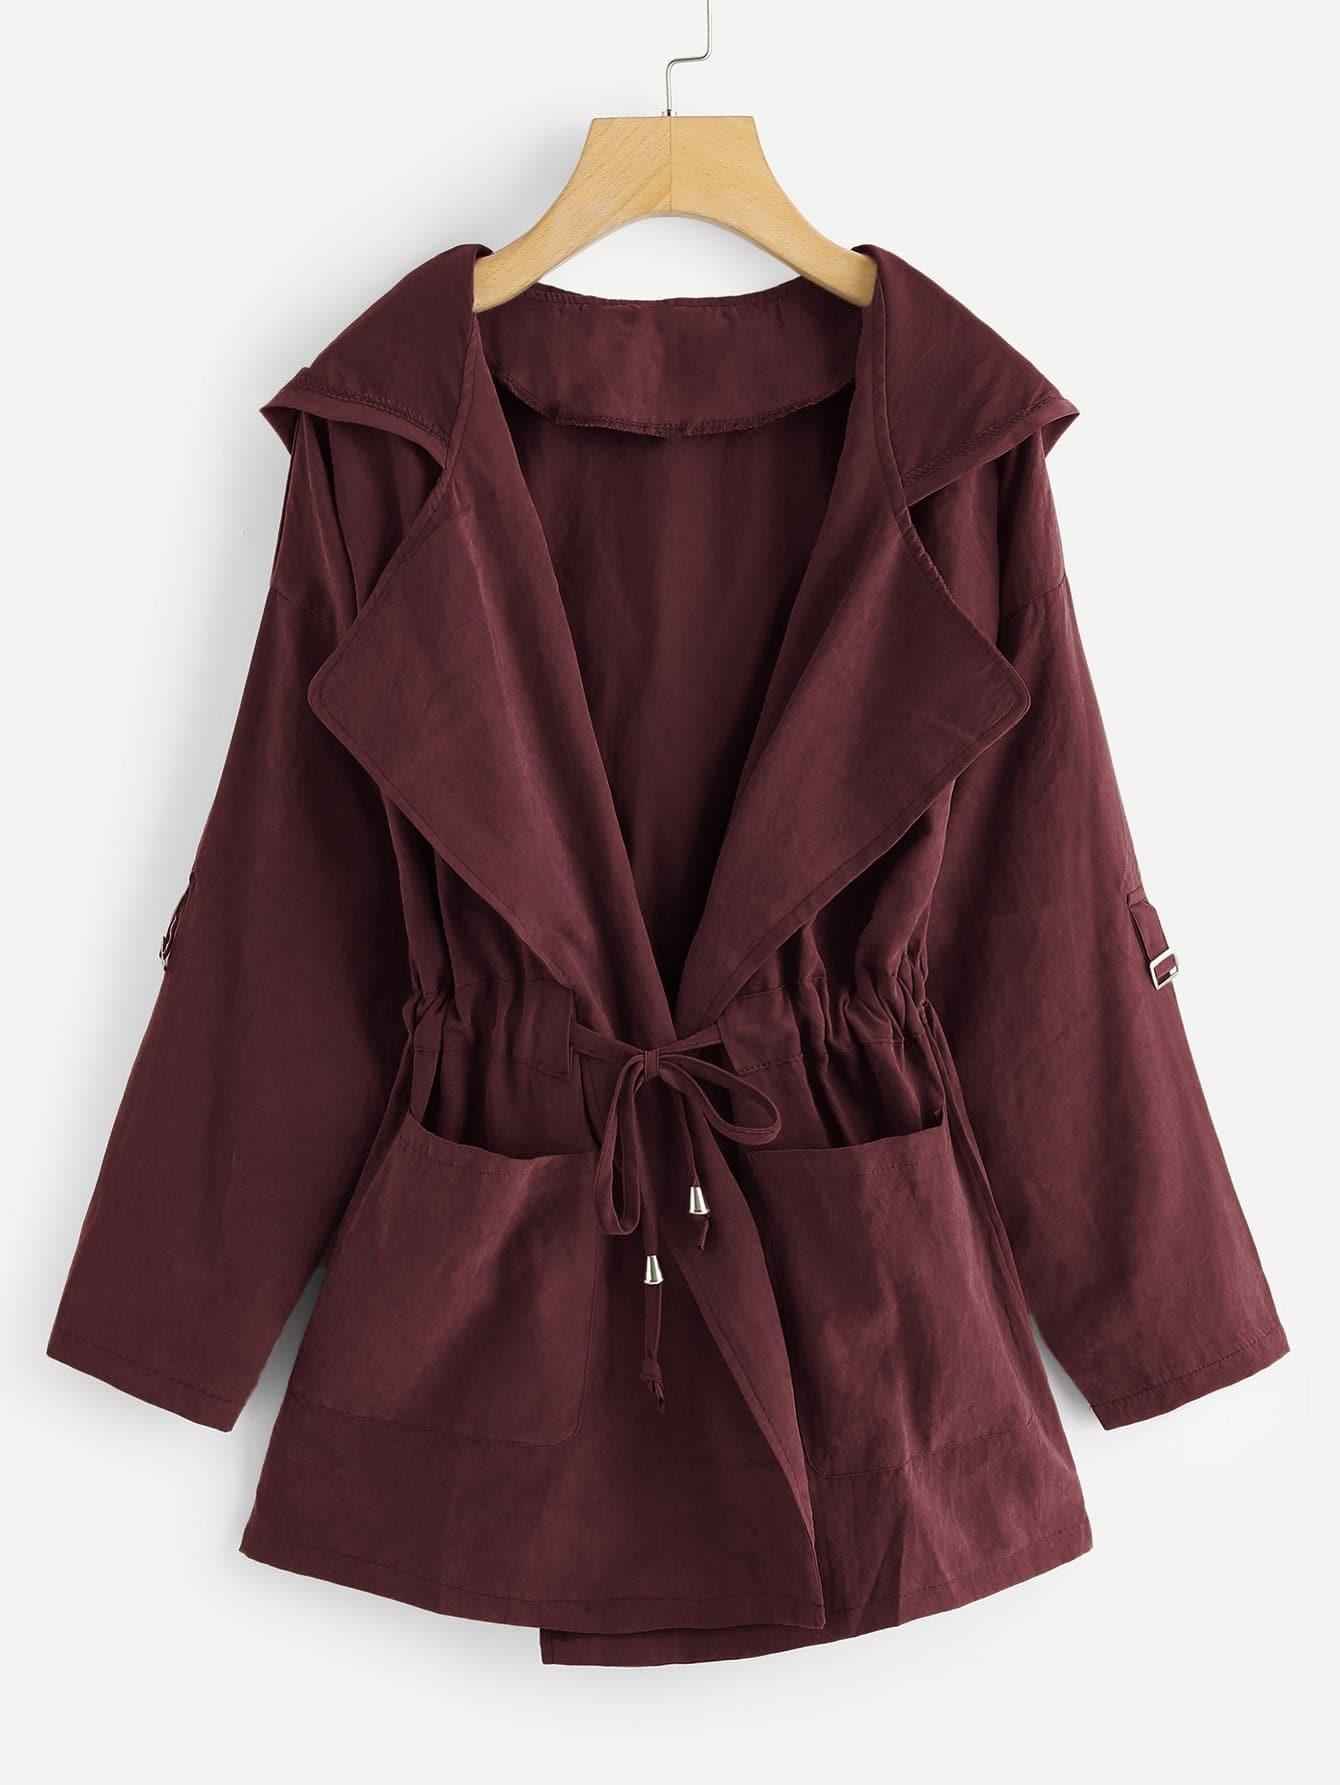 Фото - Большое пальто с капюшоном и бантом от SheIn цвет бургундия